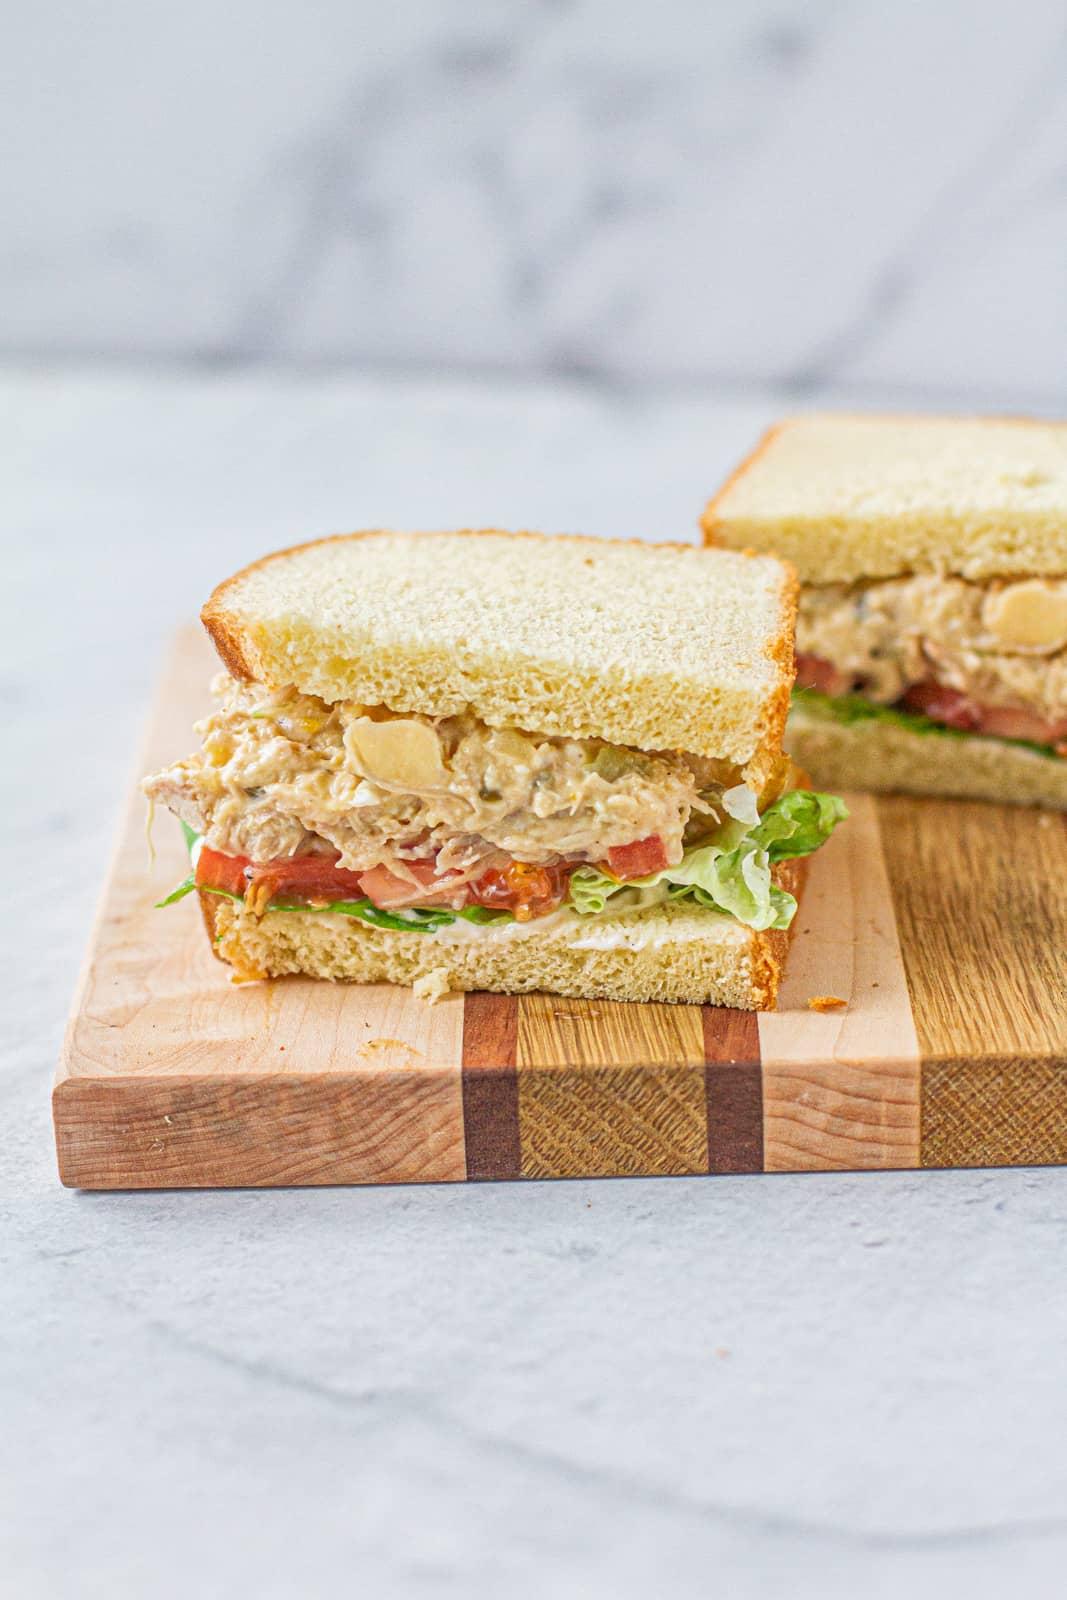 chicken salad sandwich cut in half